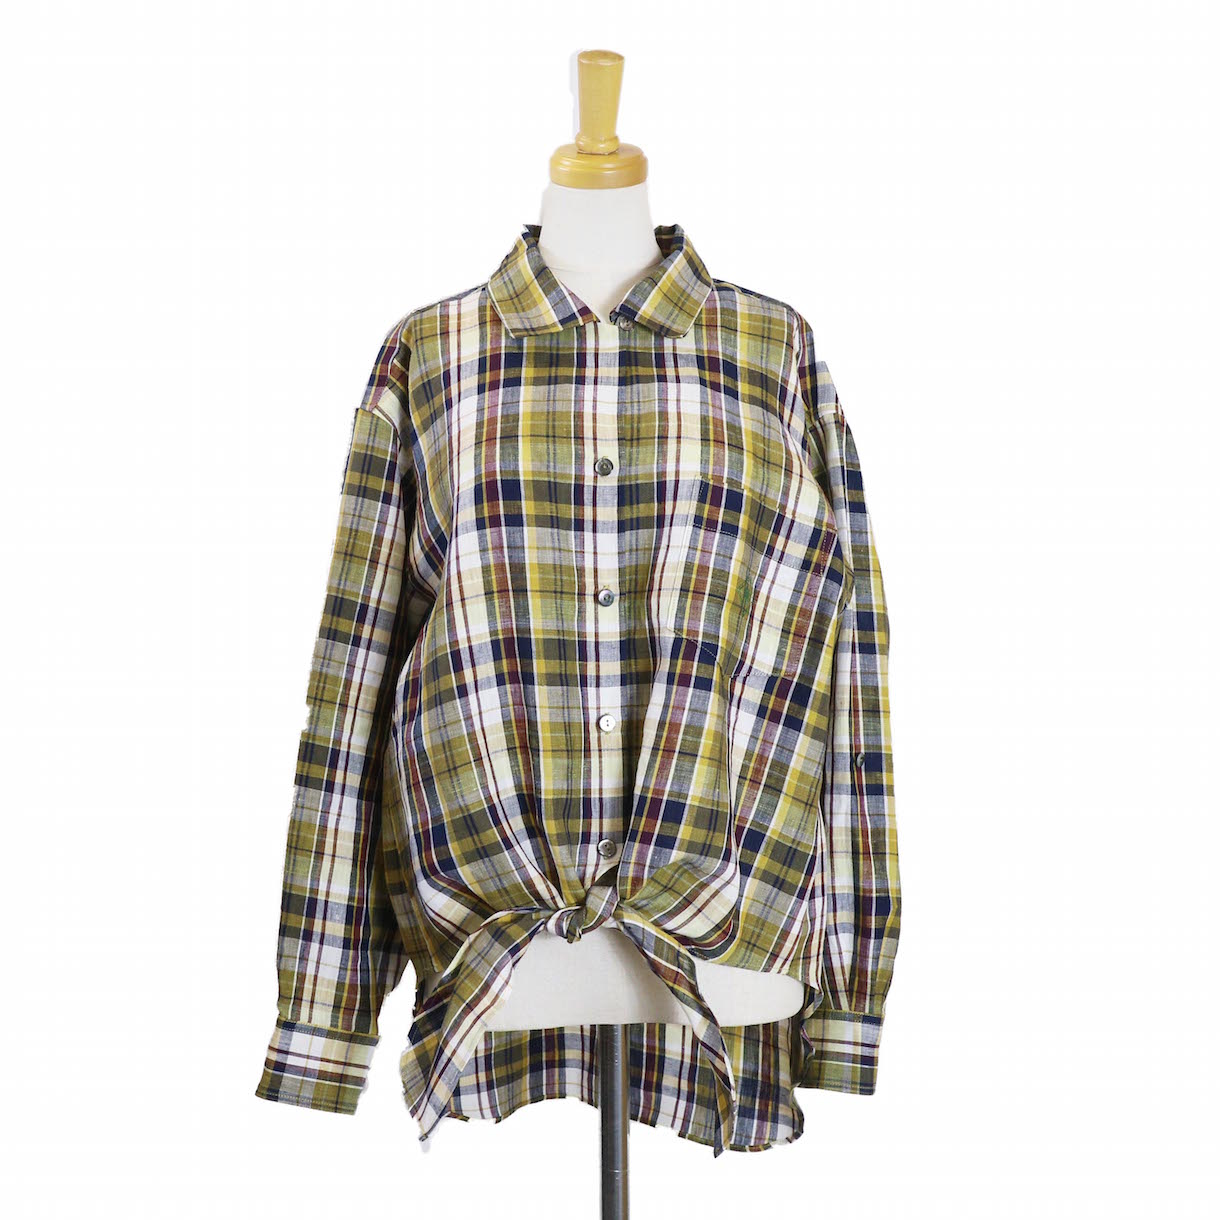 BLUEBIRD BOULEVARD / マドラスチェックオープンカラーシャツ-YELLOW